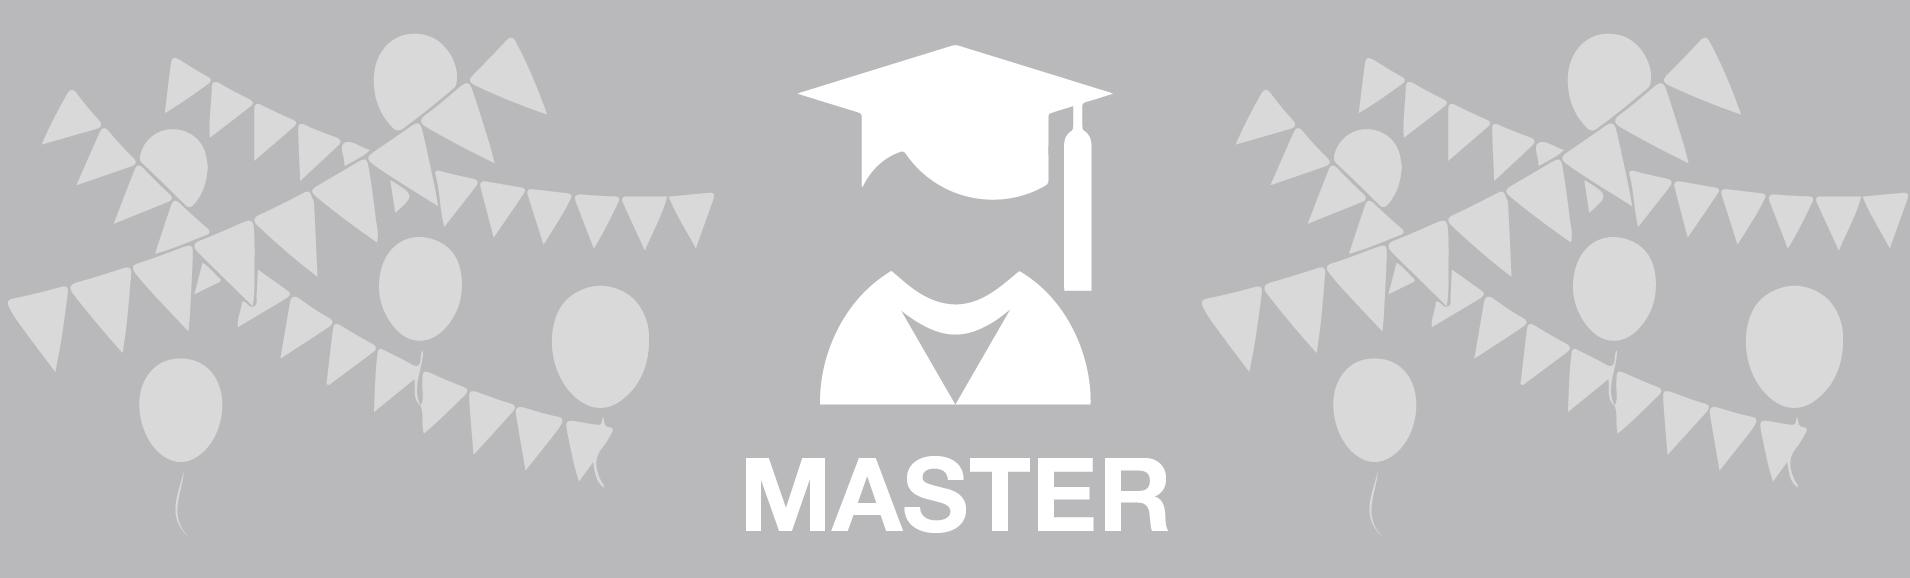 Wetrok Master